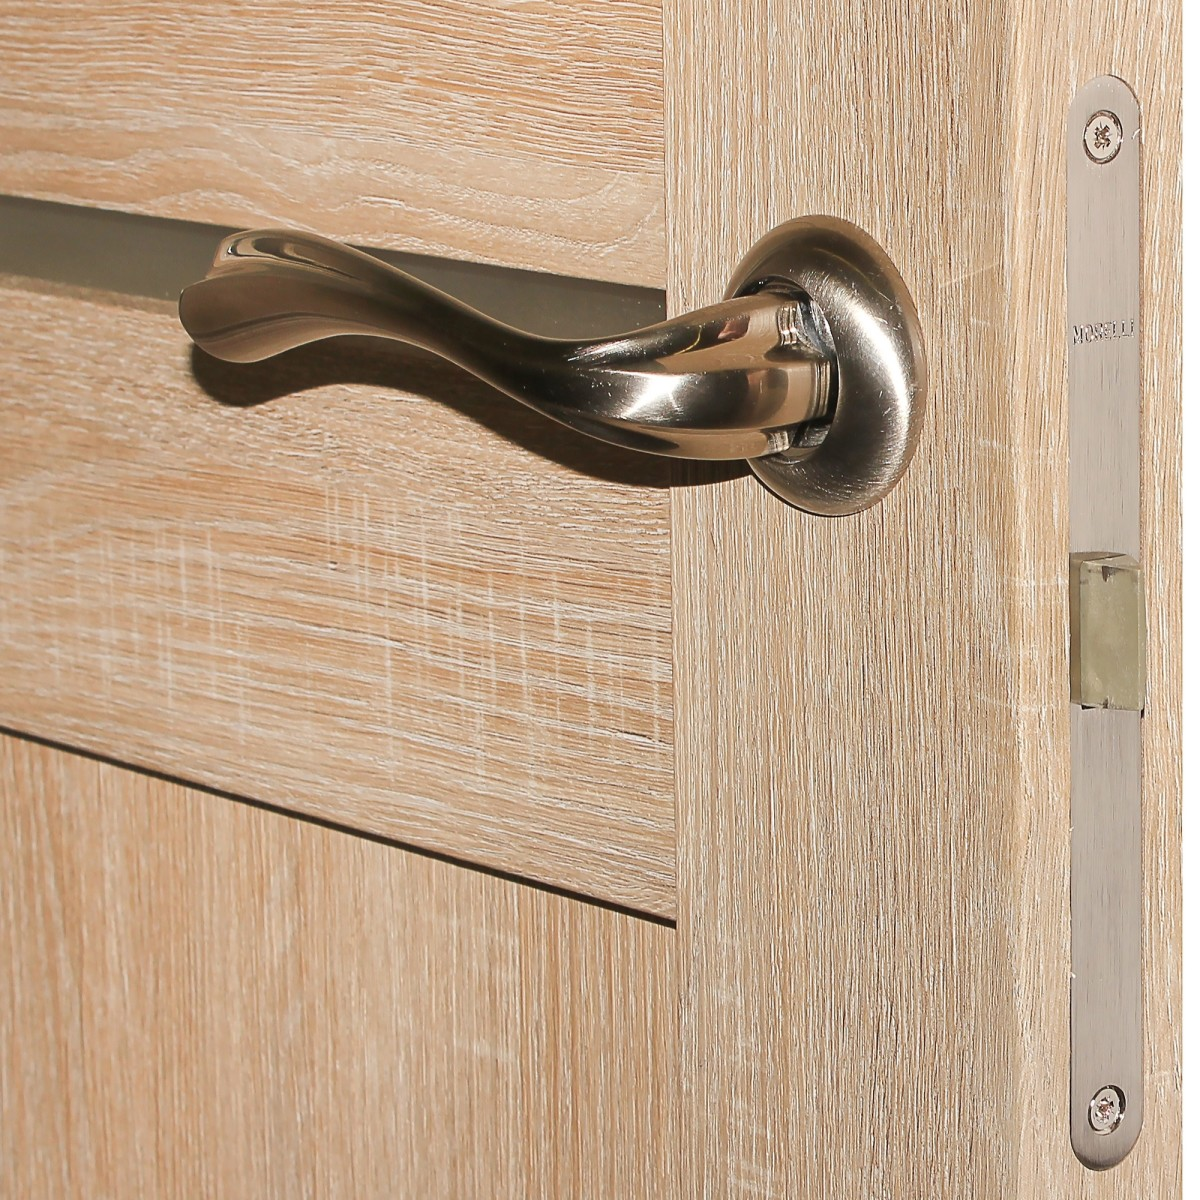 Дверь Межкомнатная Остеклённая Artens Леона 80x200 Цвет Натуральный Дуб